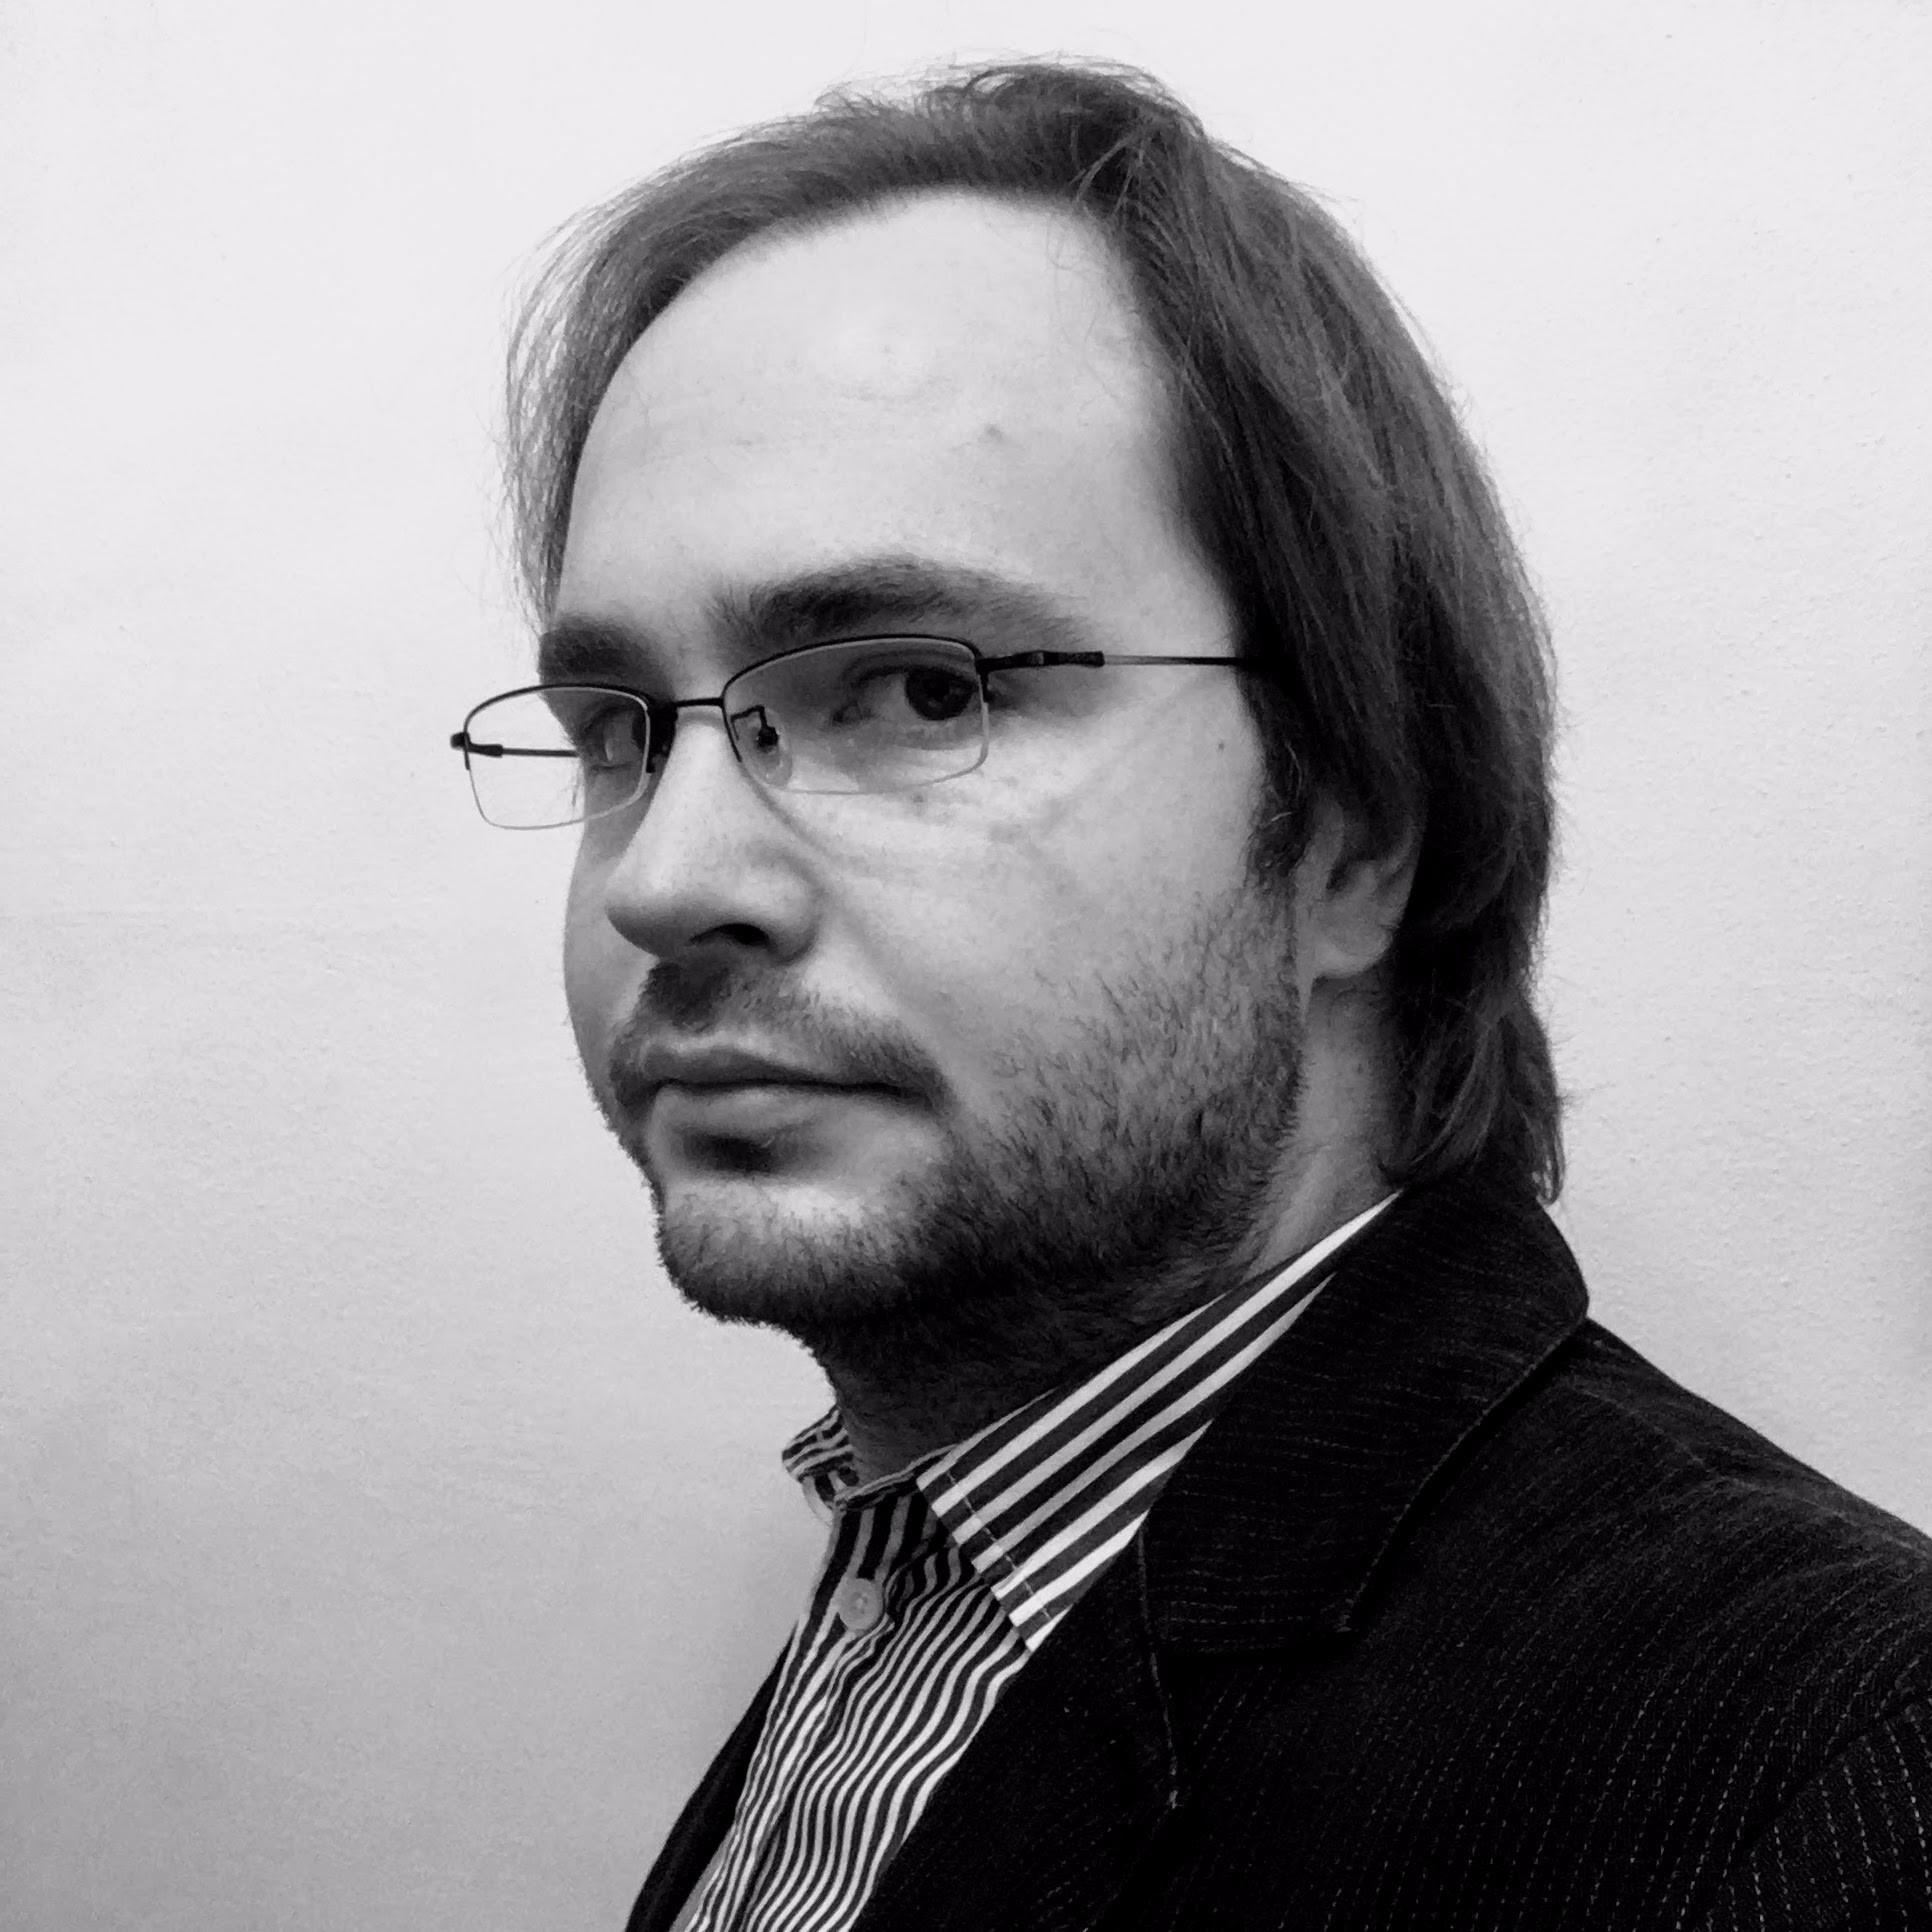 Aleksey Grebeshkov